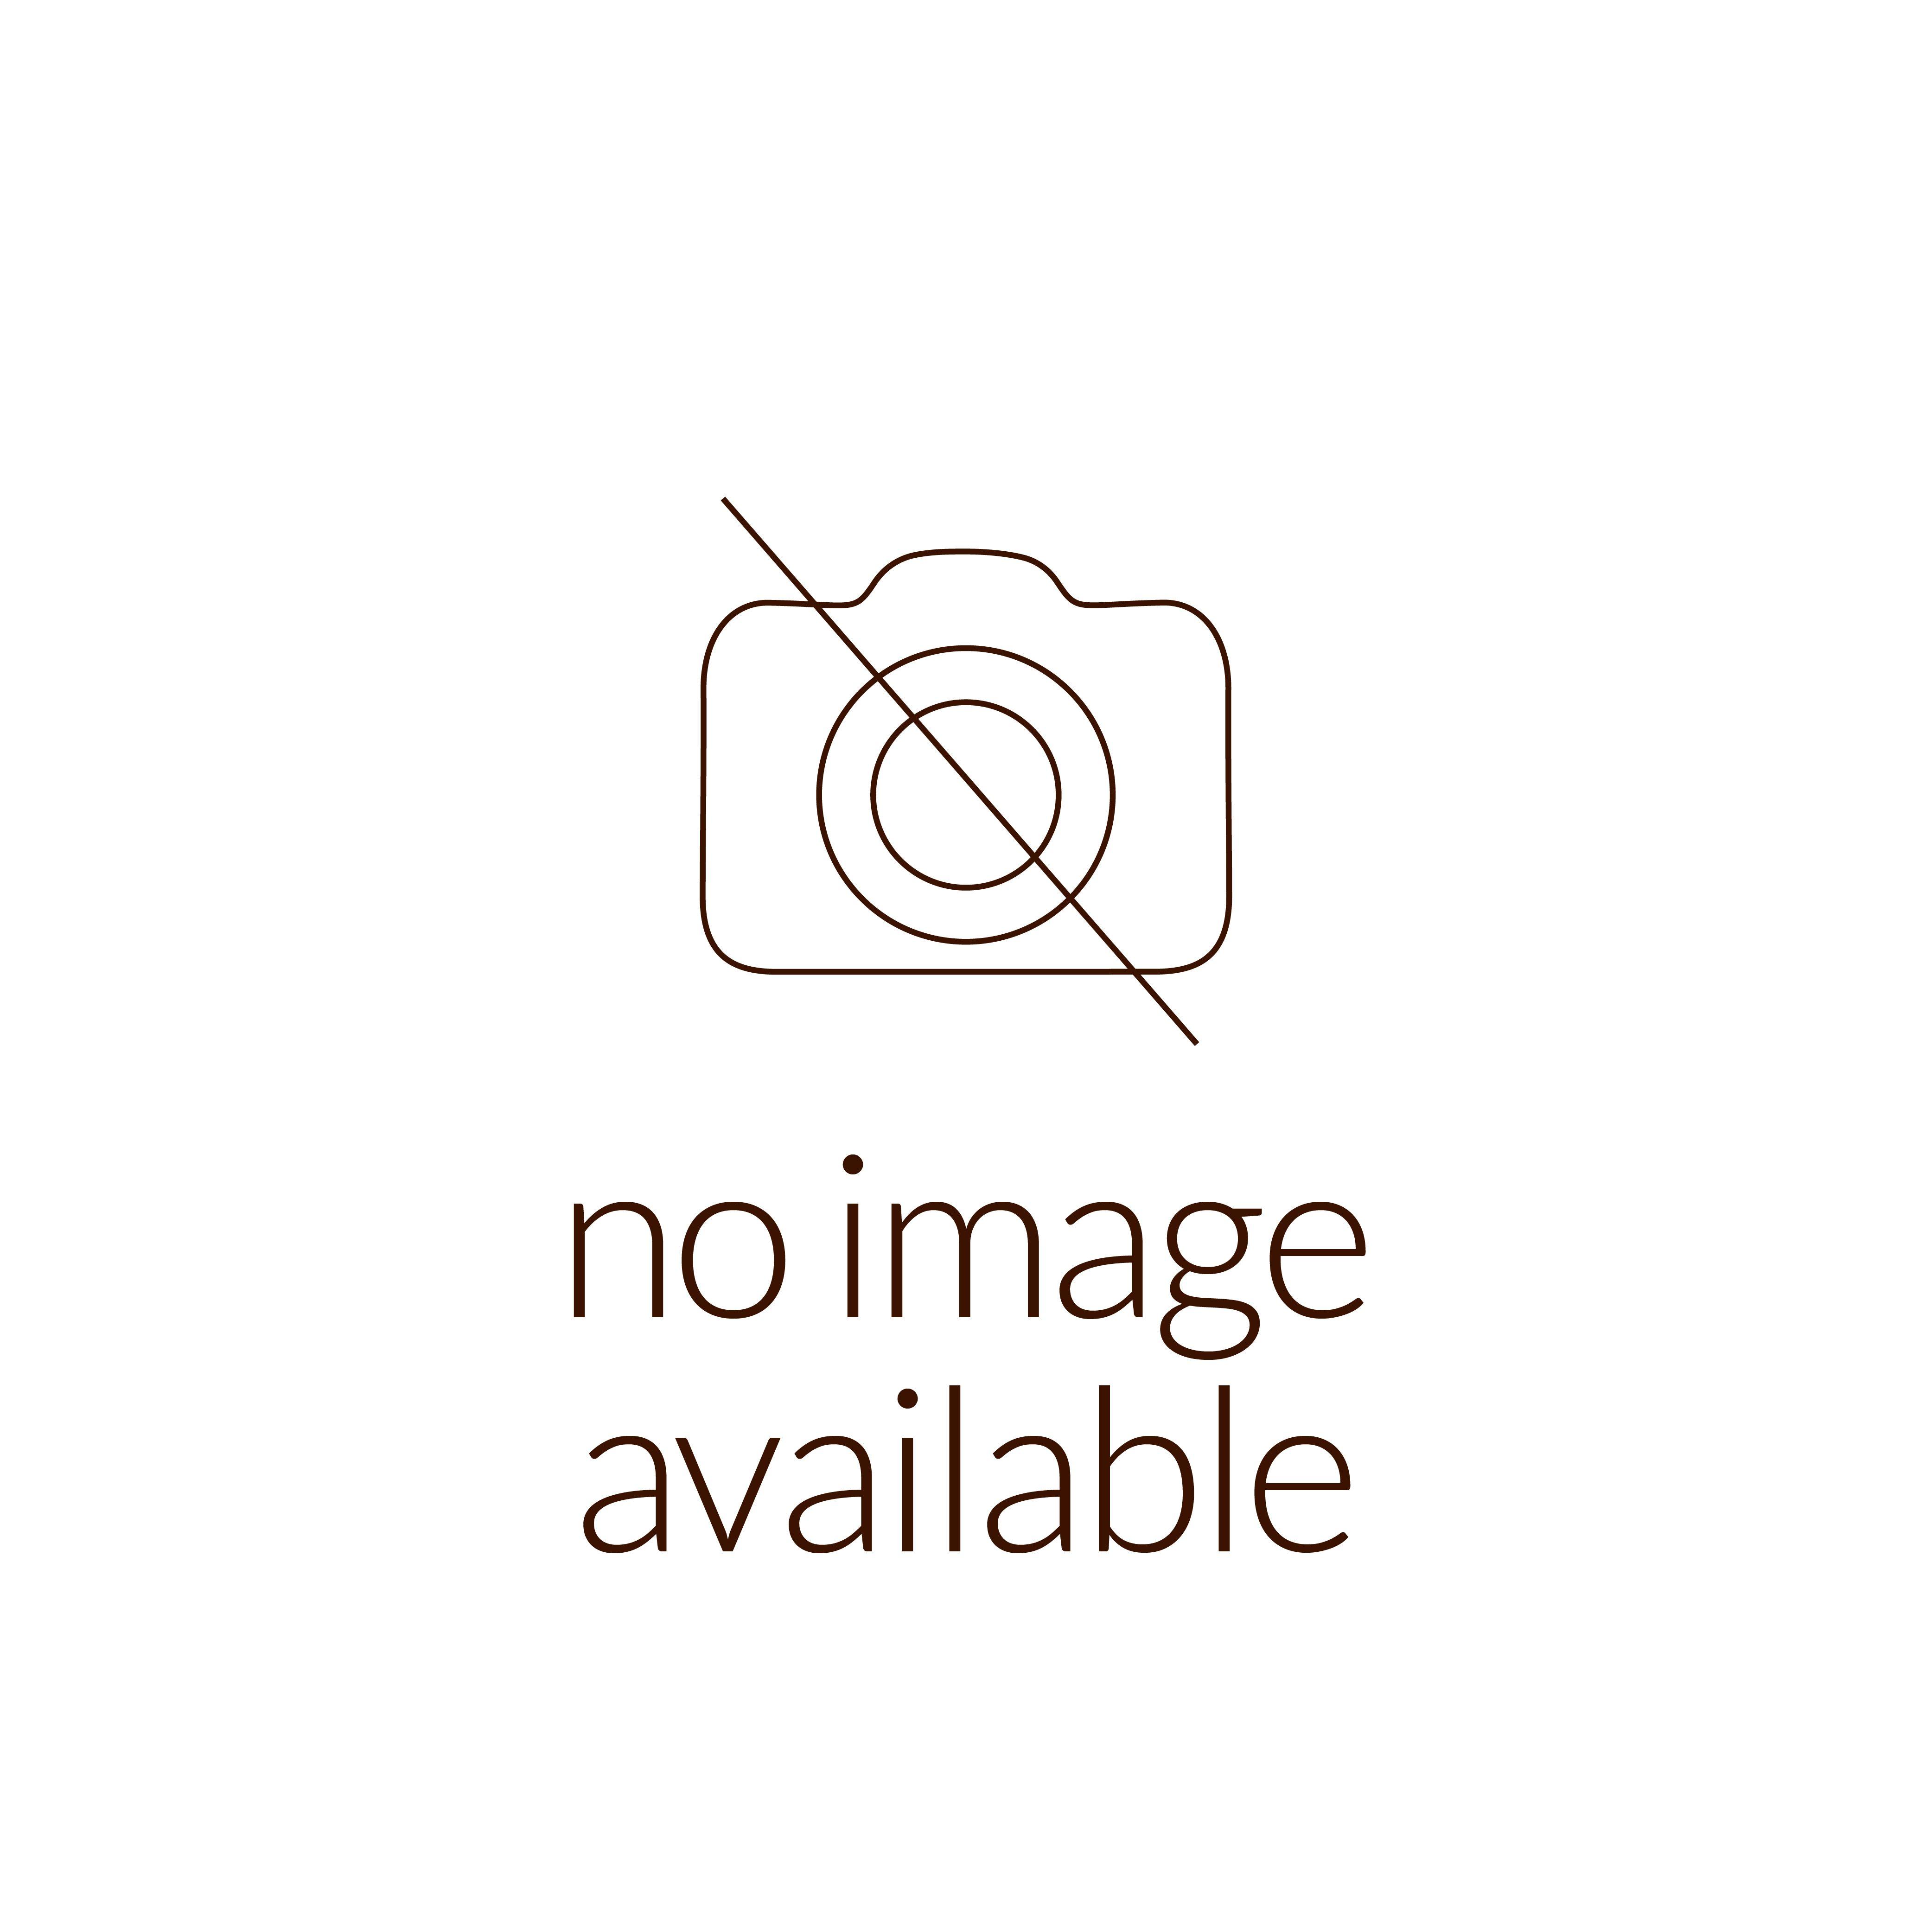 מטבעות מחזור, ½ לירה, תשכ″ג, סדרת האגורות והלירות